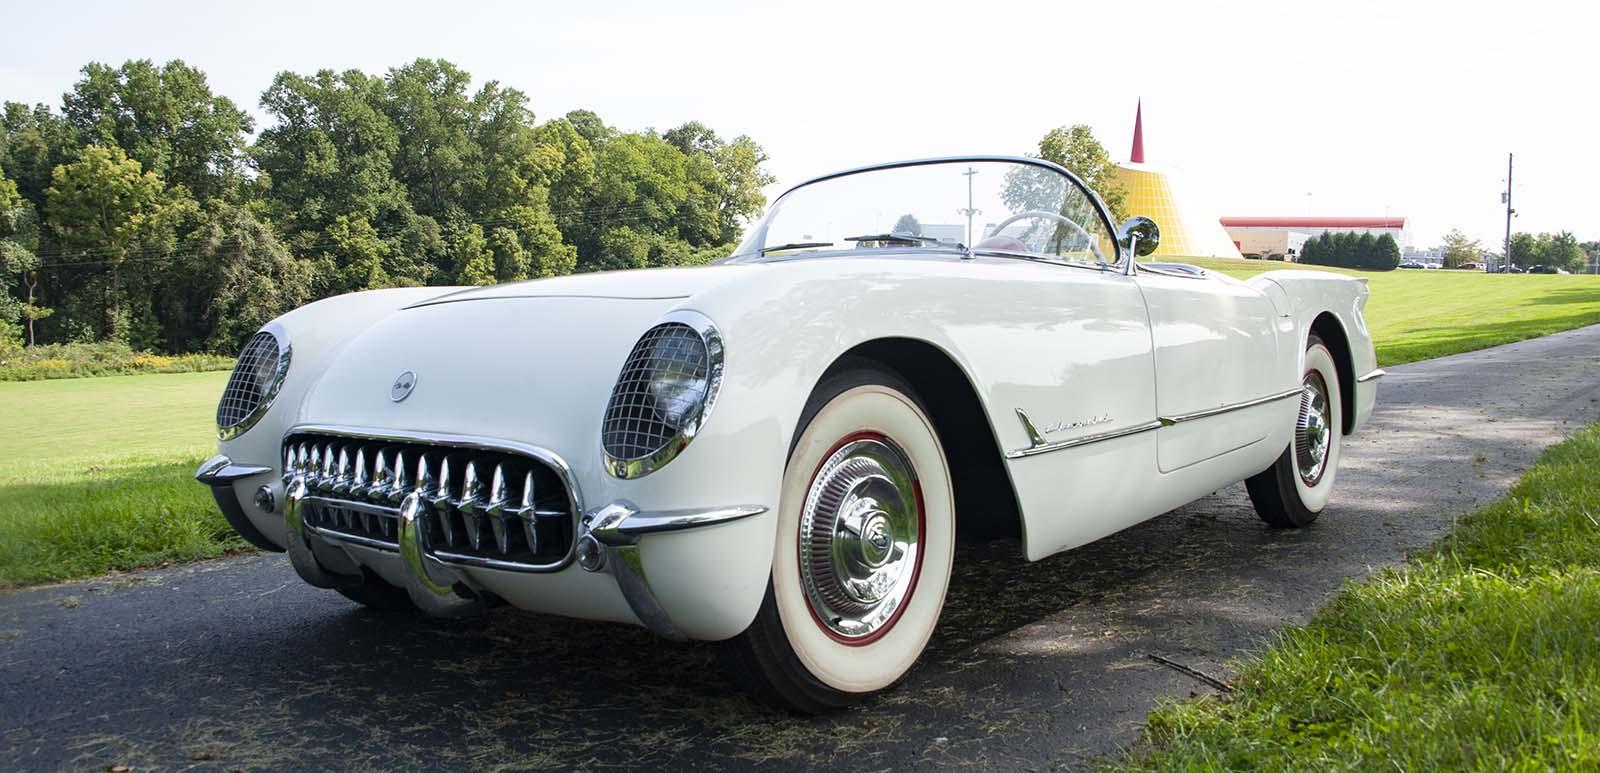 1954 Corvette Donated